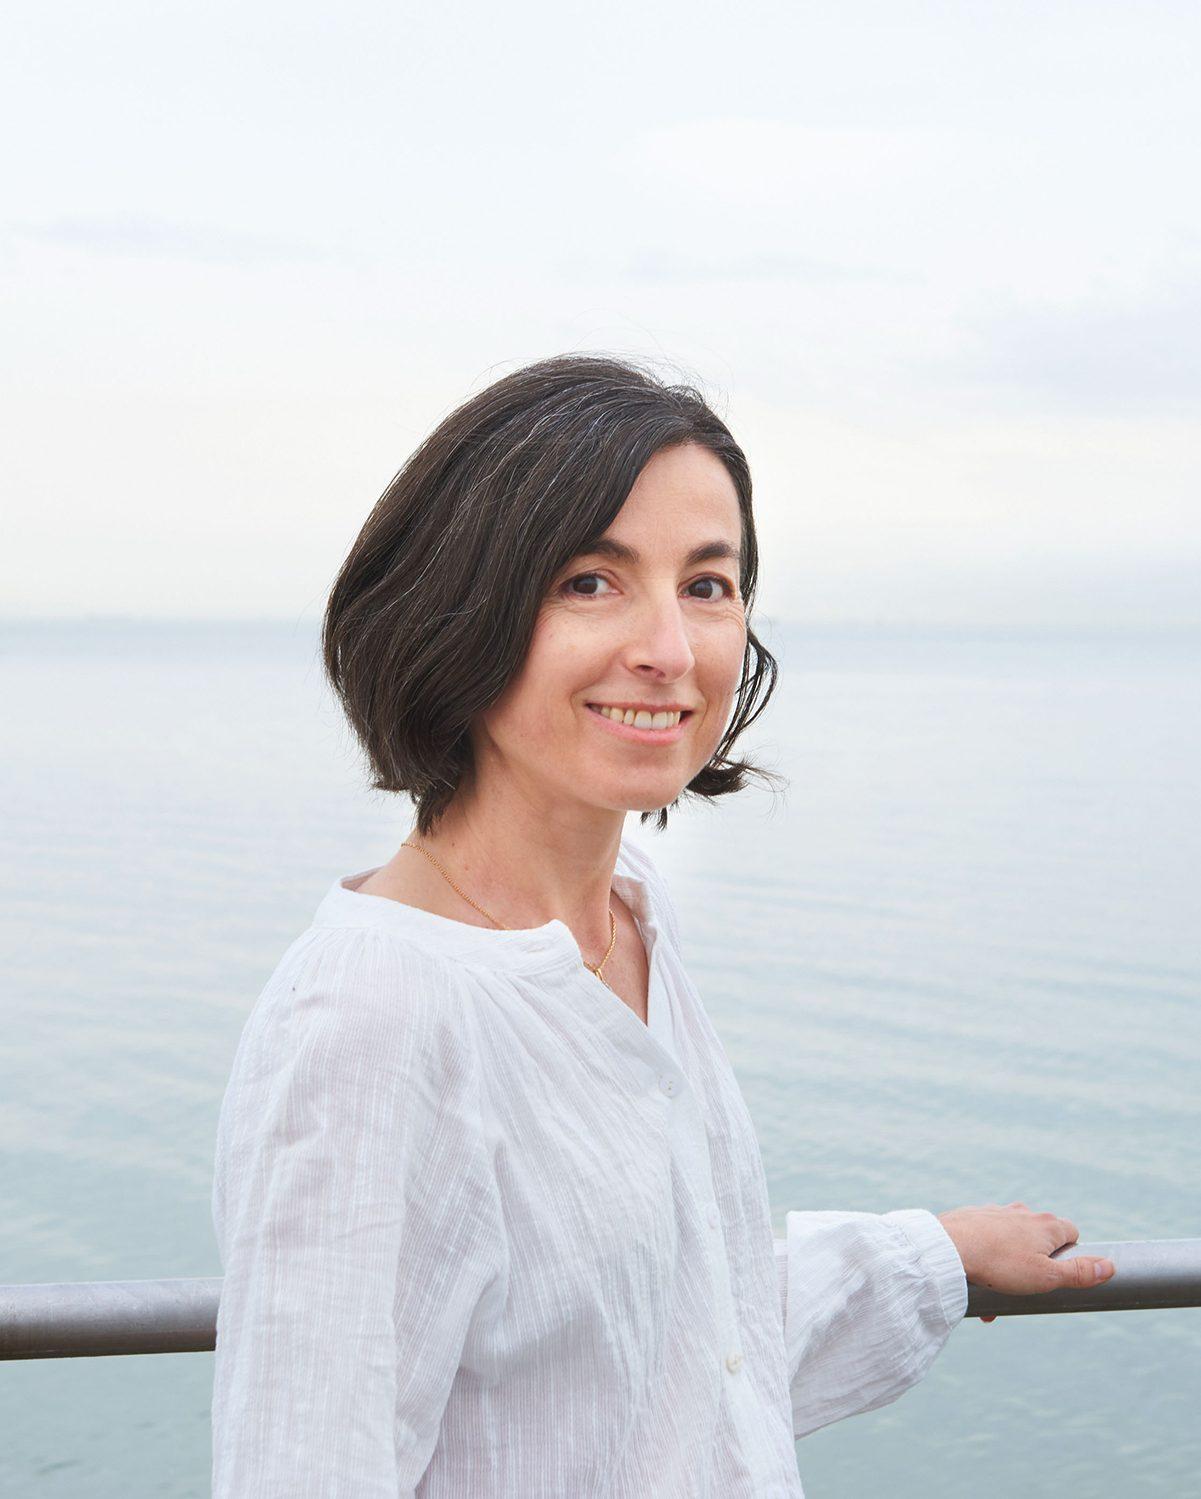 Emmanuelle Portrait who-I-am page